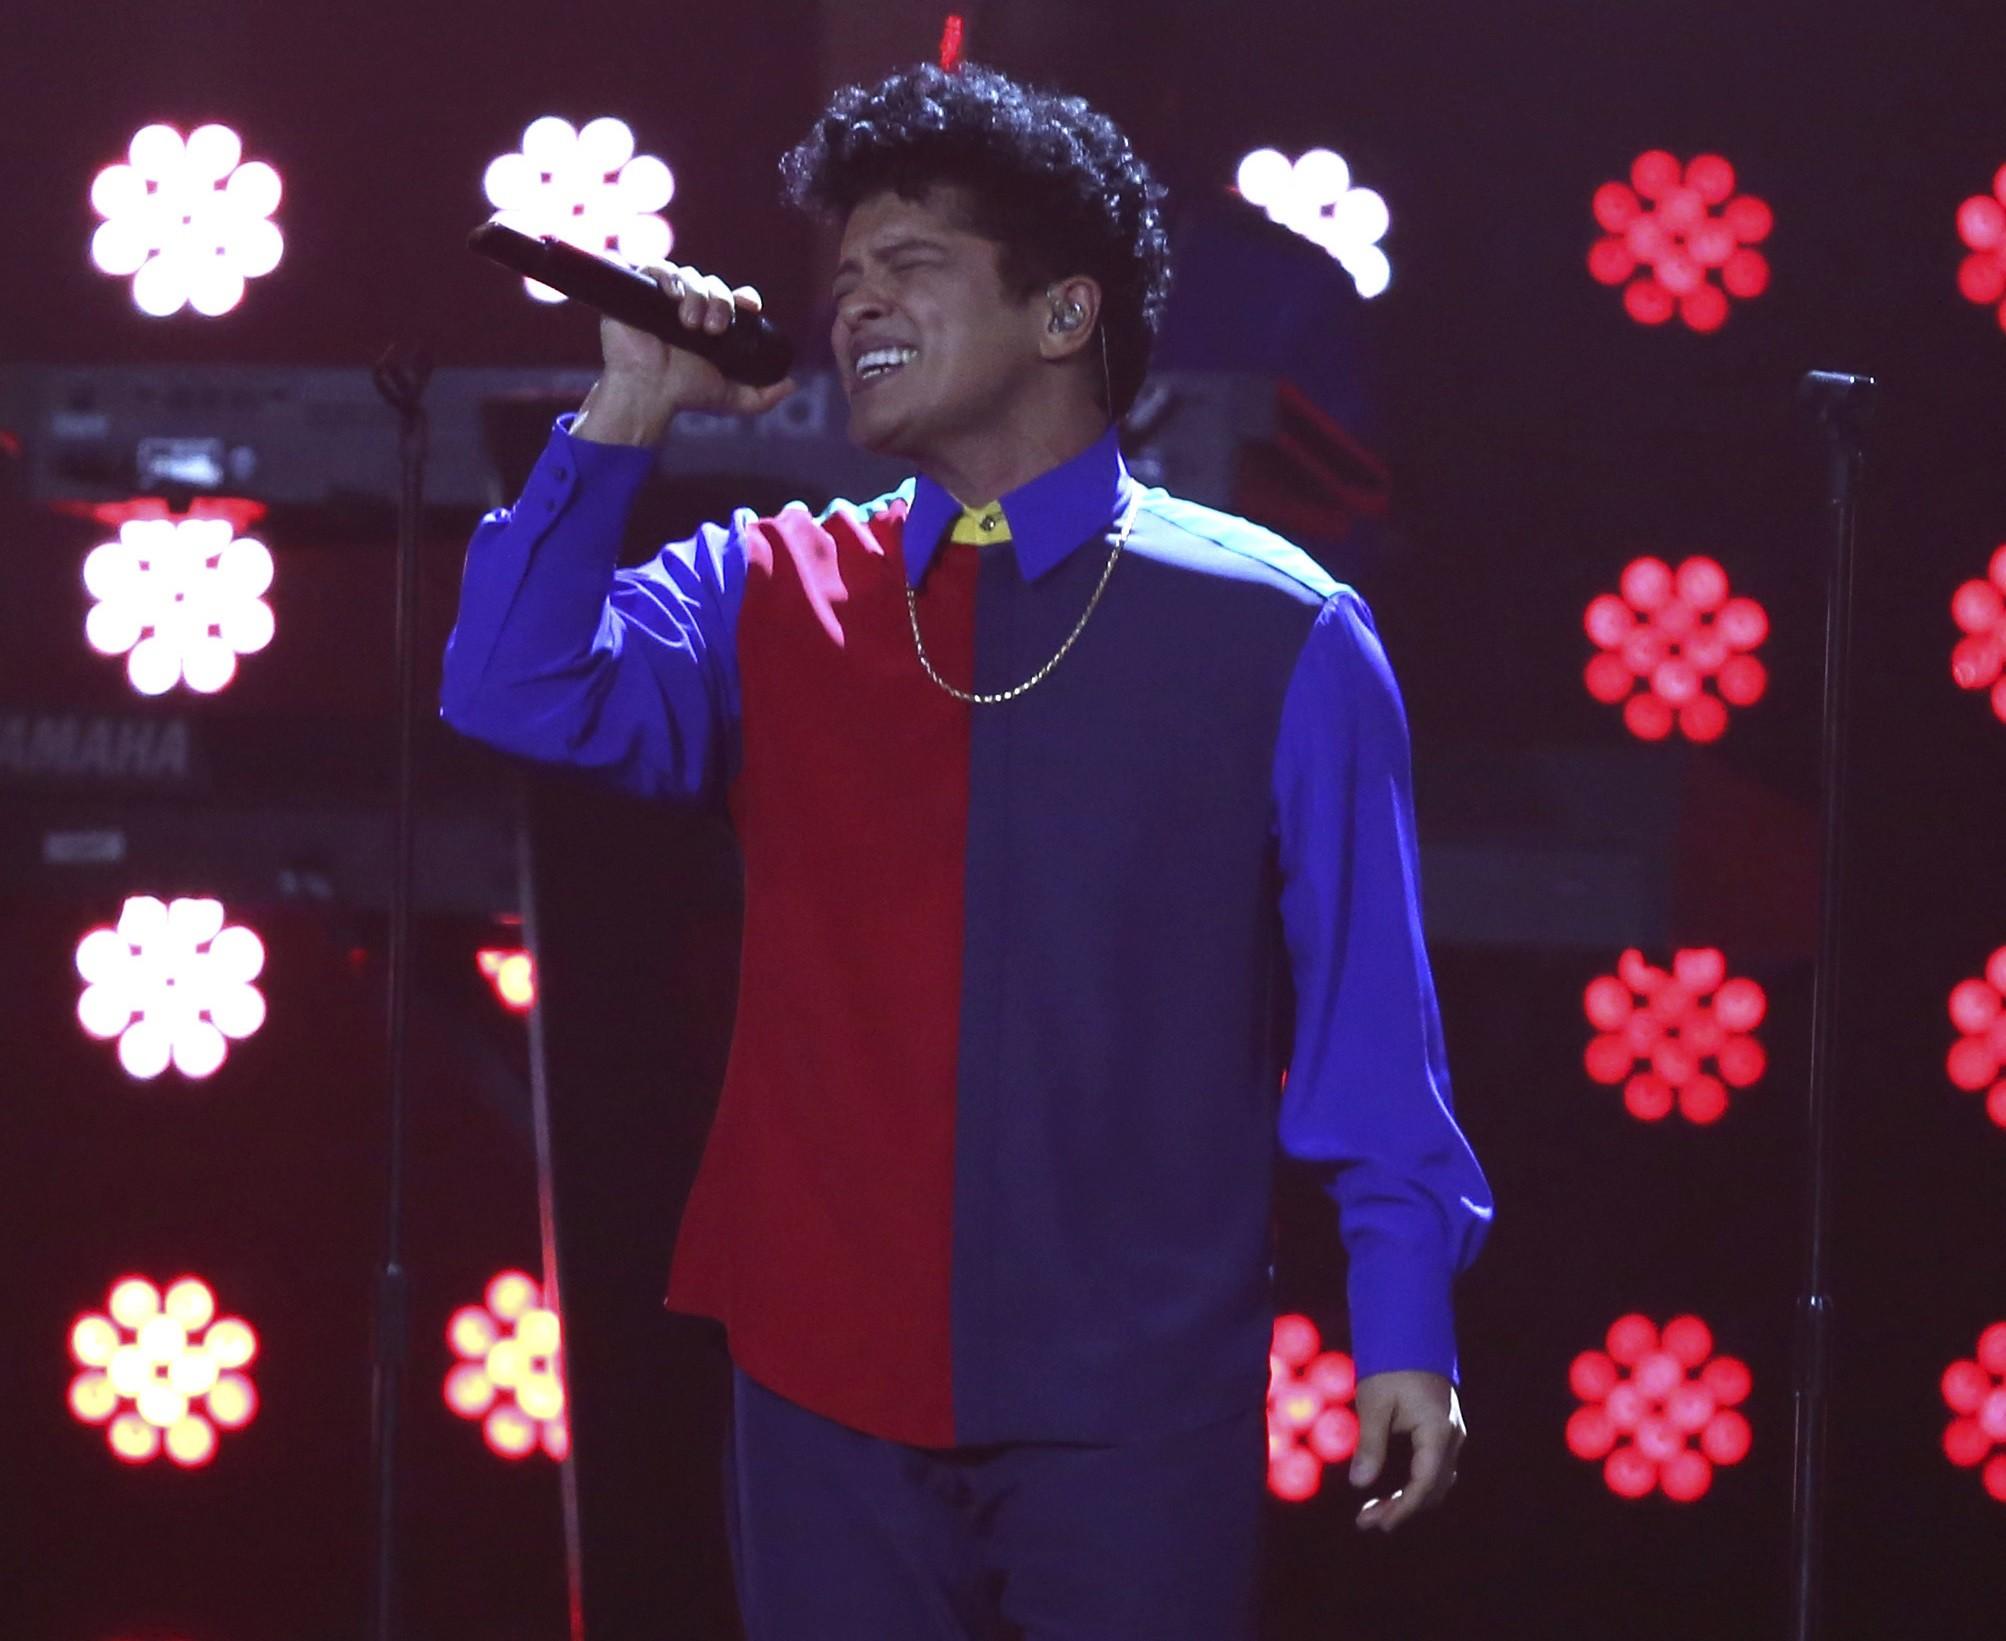 Bruno Mars tem dois shows marcados no Brasil, em novembro, no Rio e em So Paulo (Foto: Joel Ryan/Invision/AP)